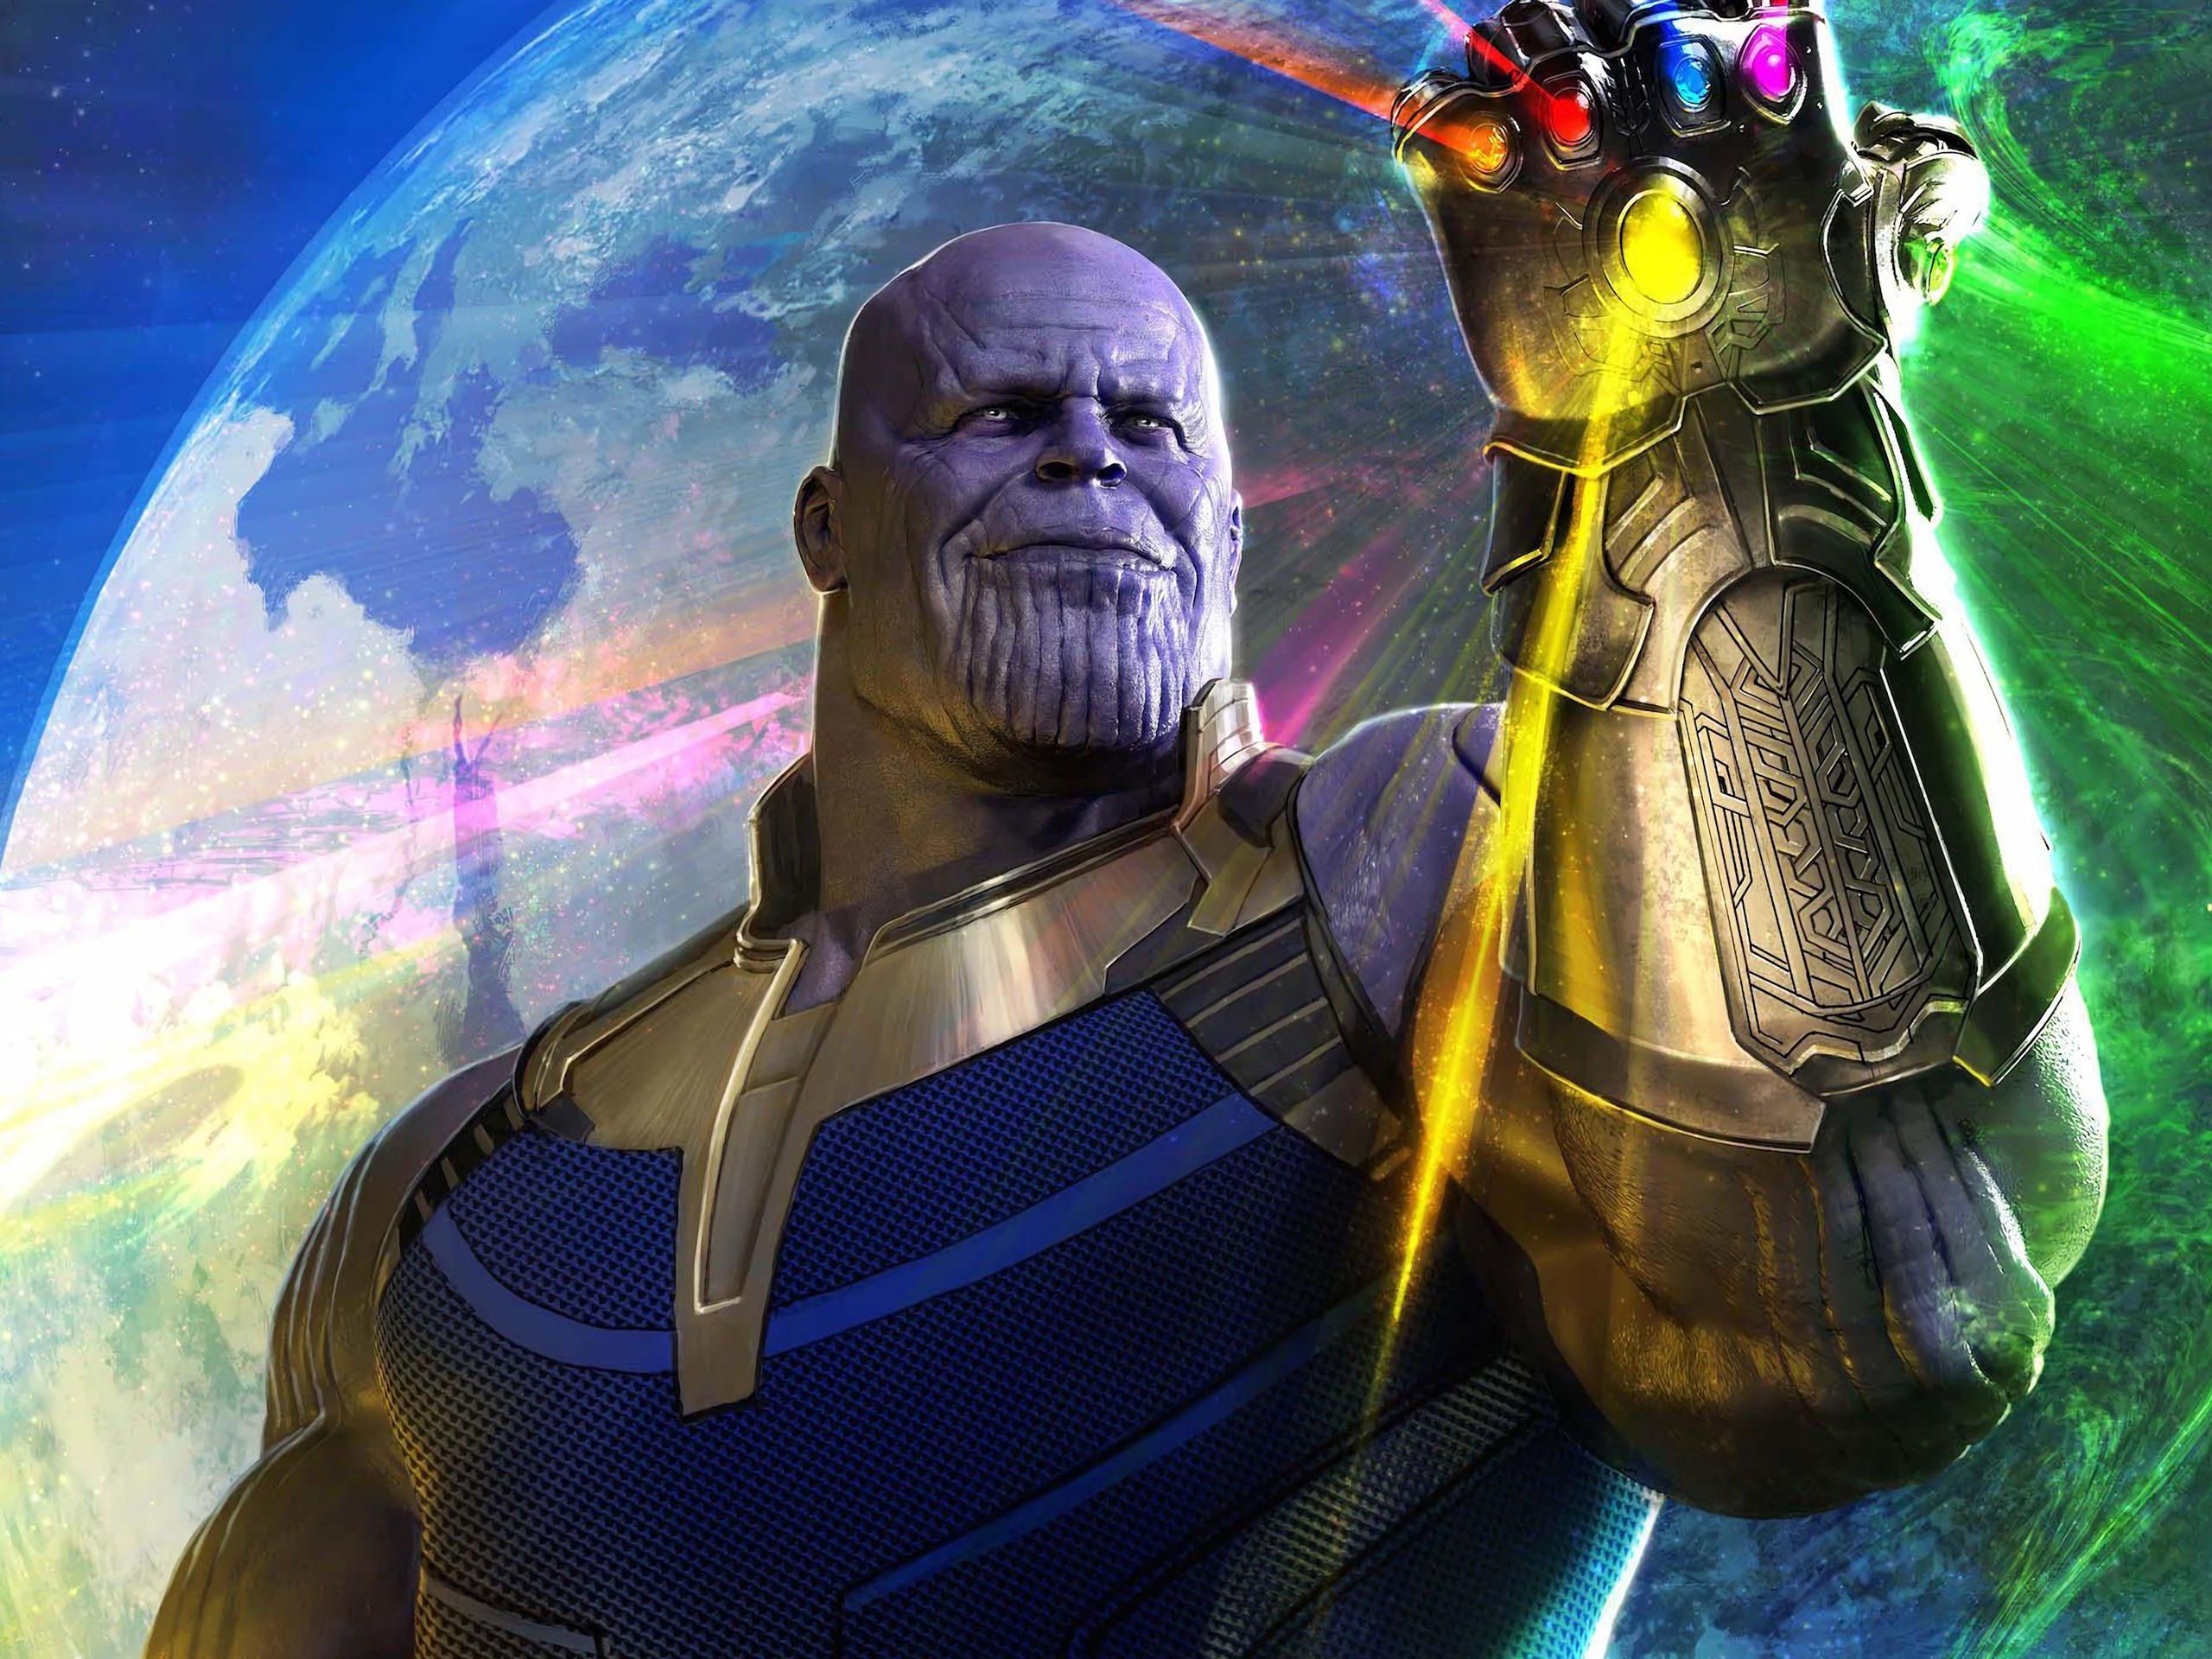 Avengers Infinity War 2018 Thanos 4k Uhd 3 2 3840x2560: Wallpaper Thanos, Avengers: Infinity War 3840x2160 UHD 4K